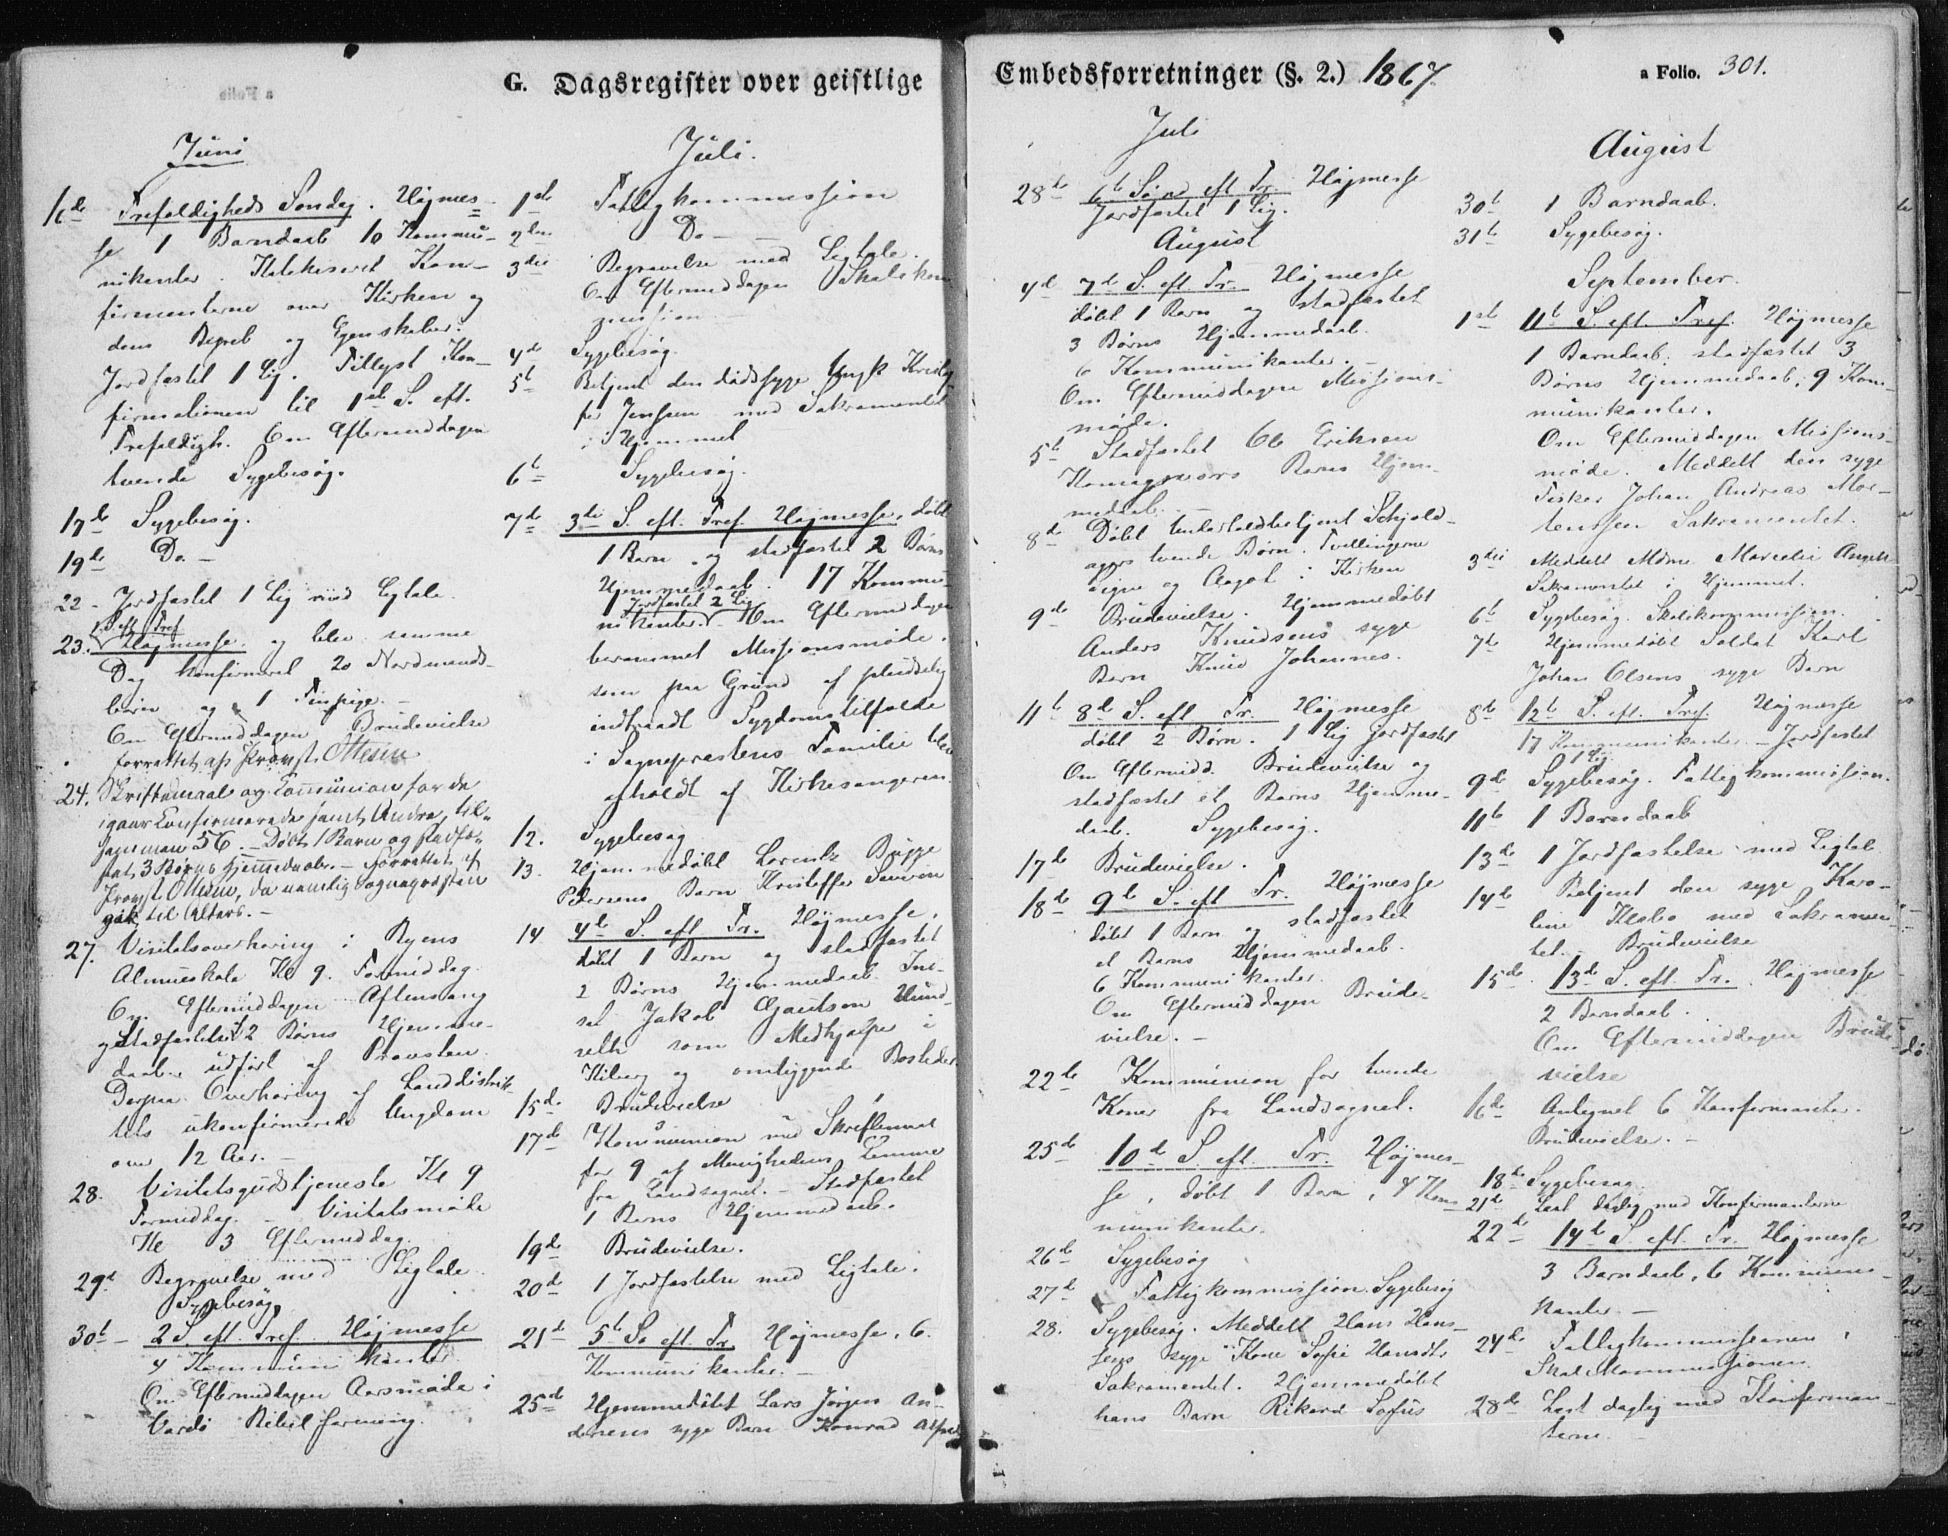 SATØ, Vardø sokneprestkontor, H/Ha/L0004kirke: Ministerialbok nr. 4, 1862-1871, s. 301